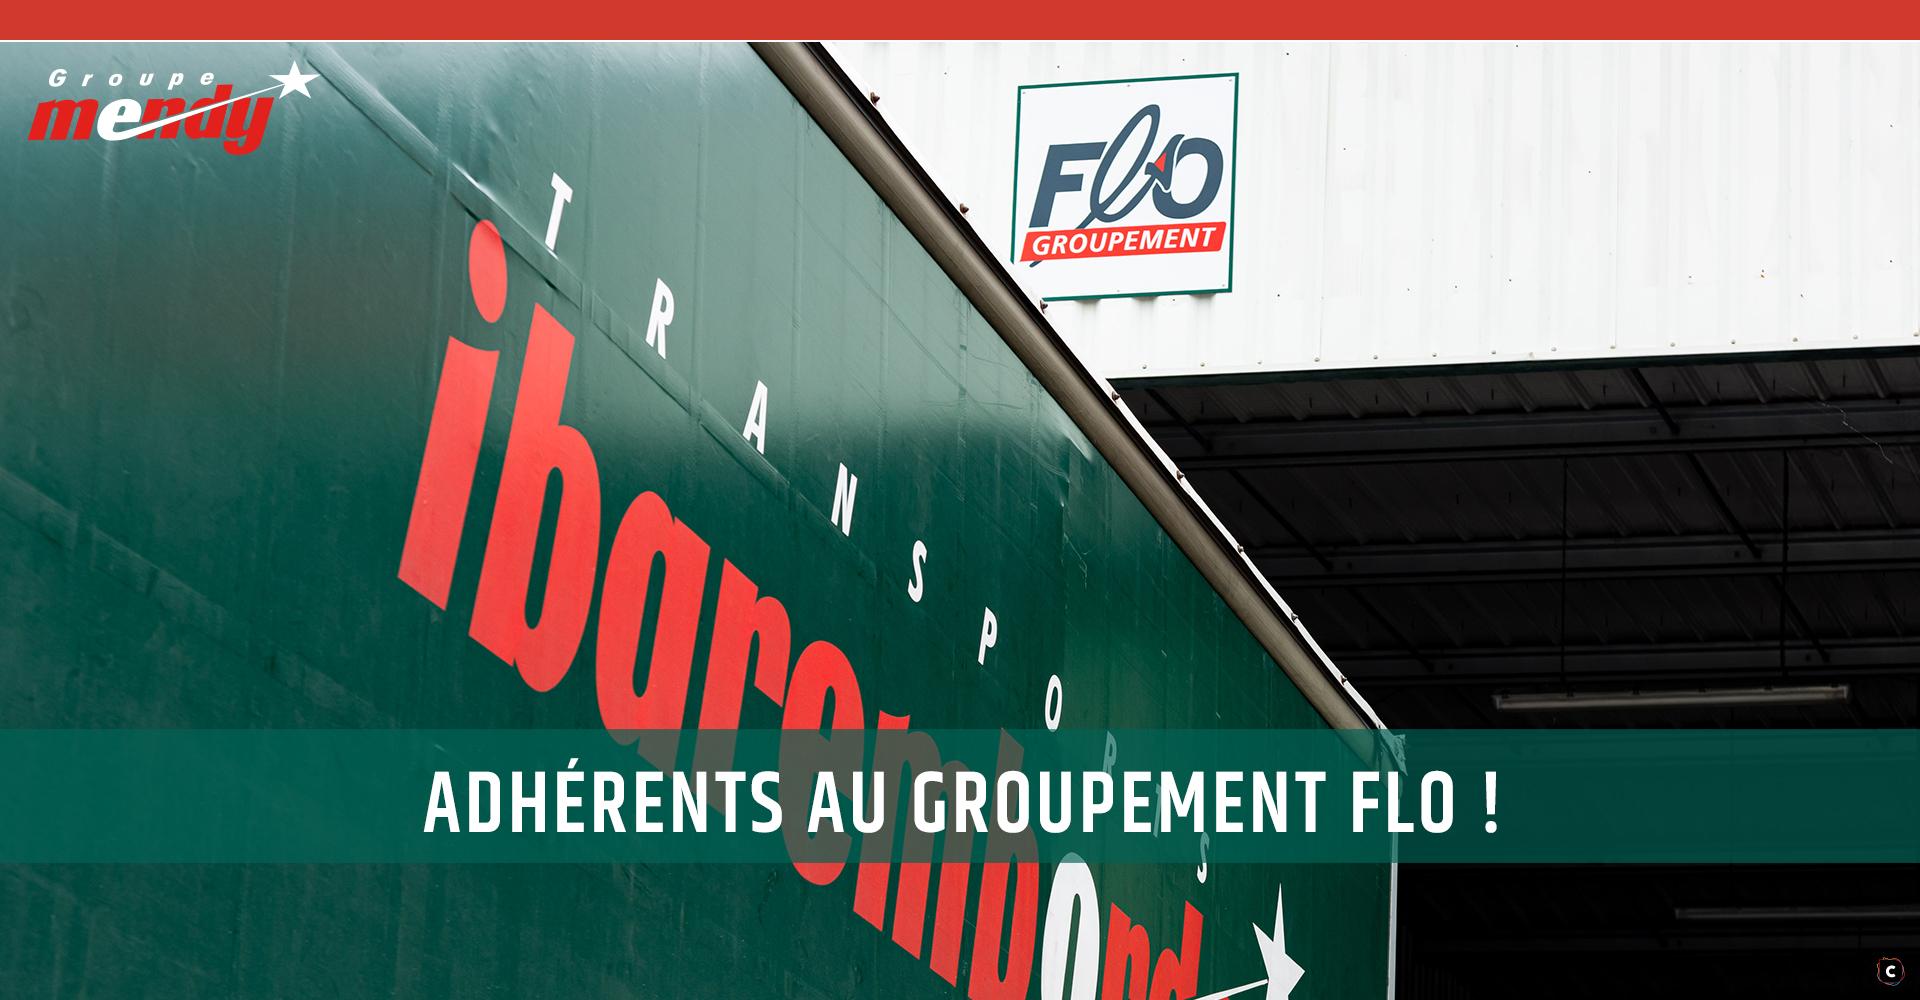 Une force nationale: notre adhésion au Groupement FLO